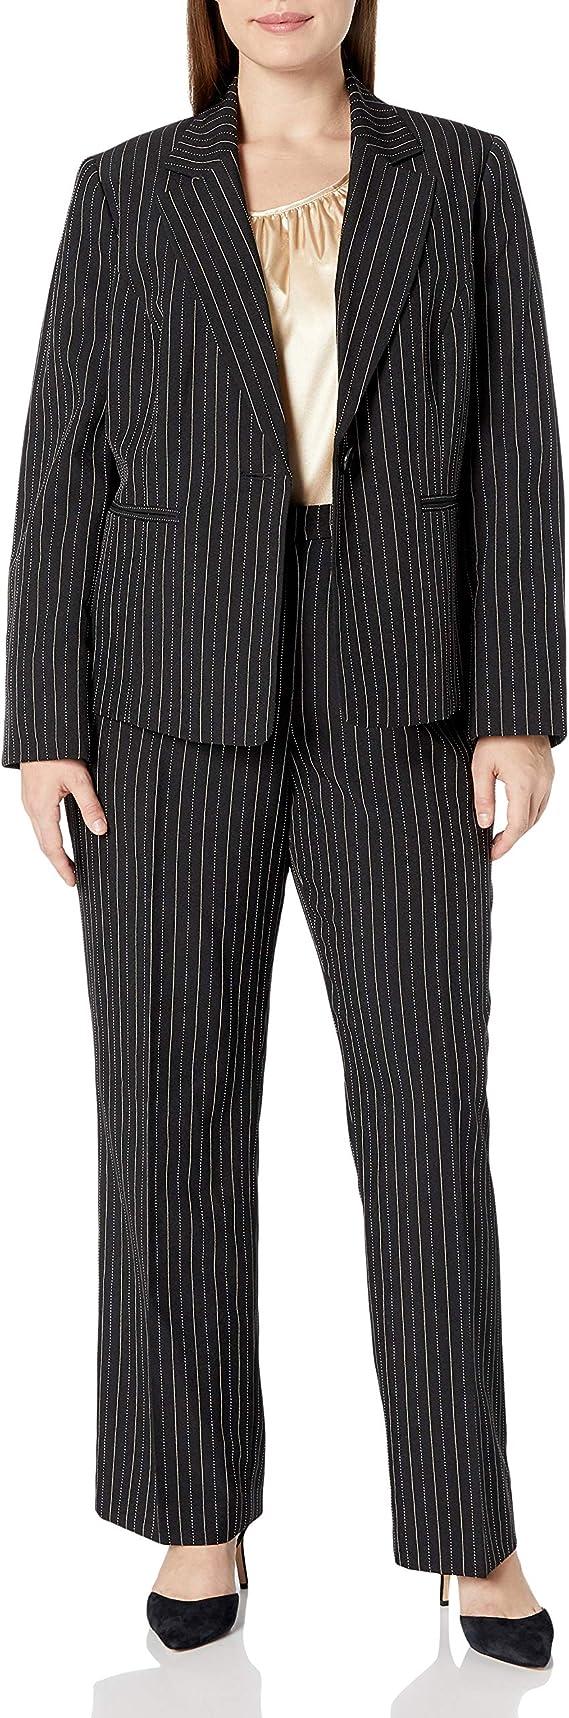 Le Suit Womens Plus Size Pinstripe 1 Button Pant Suit with Cami Le Suit Women/'s Suits 50035925-T61